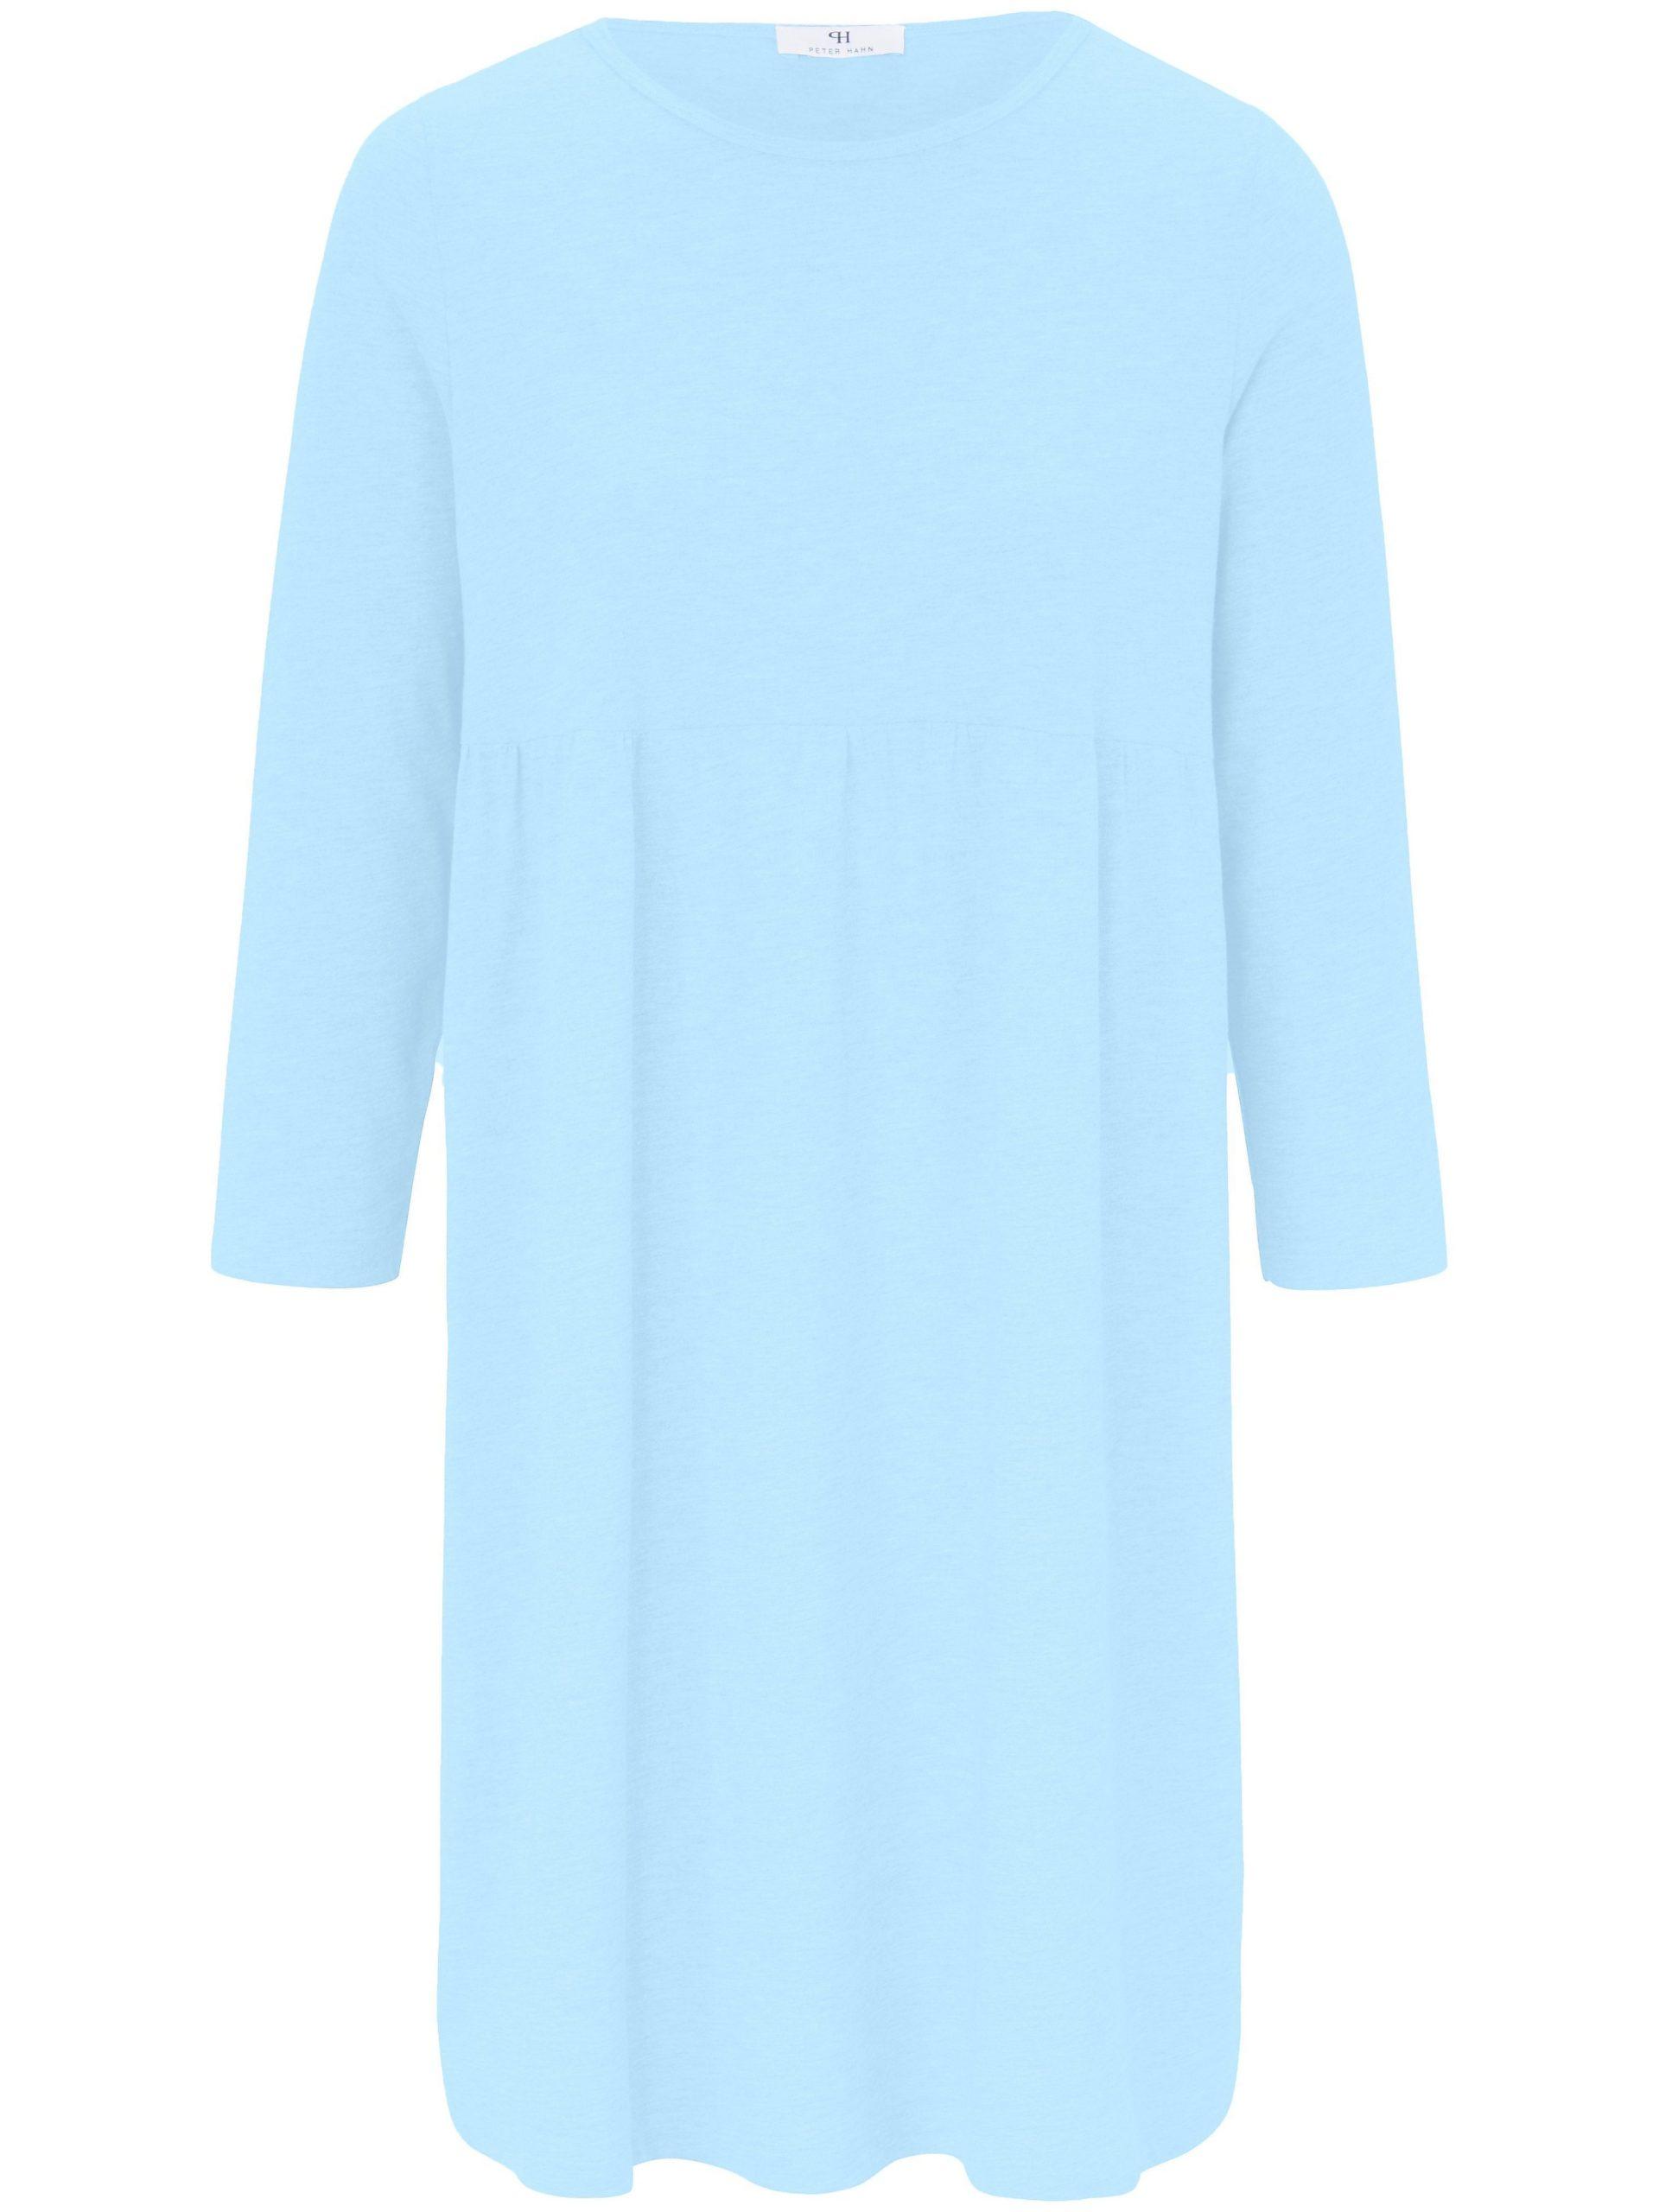 Nachthemd Van Peter Hahn blauw Kopen